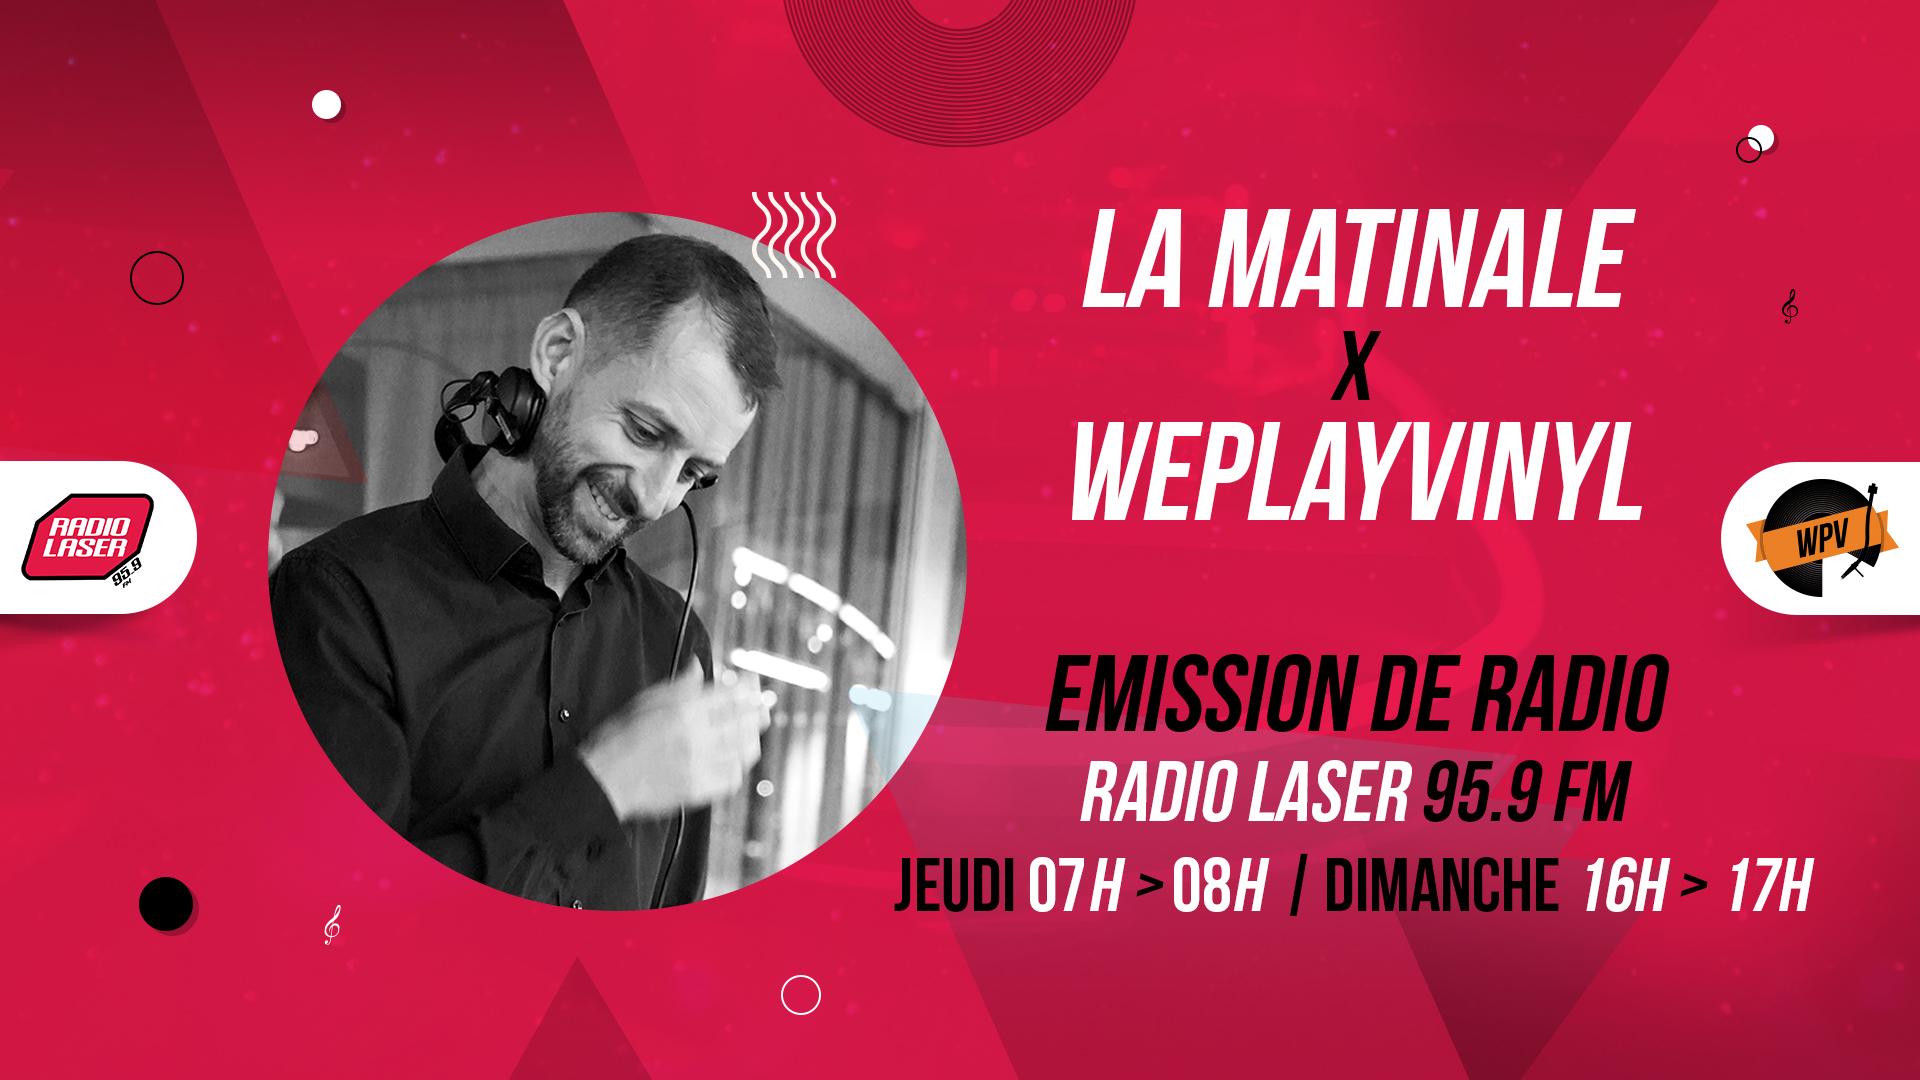 Header de La matinale - Emission de radio - Davhyd - Radio laser